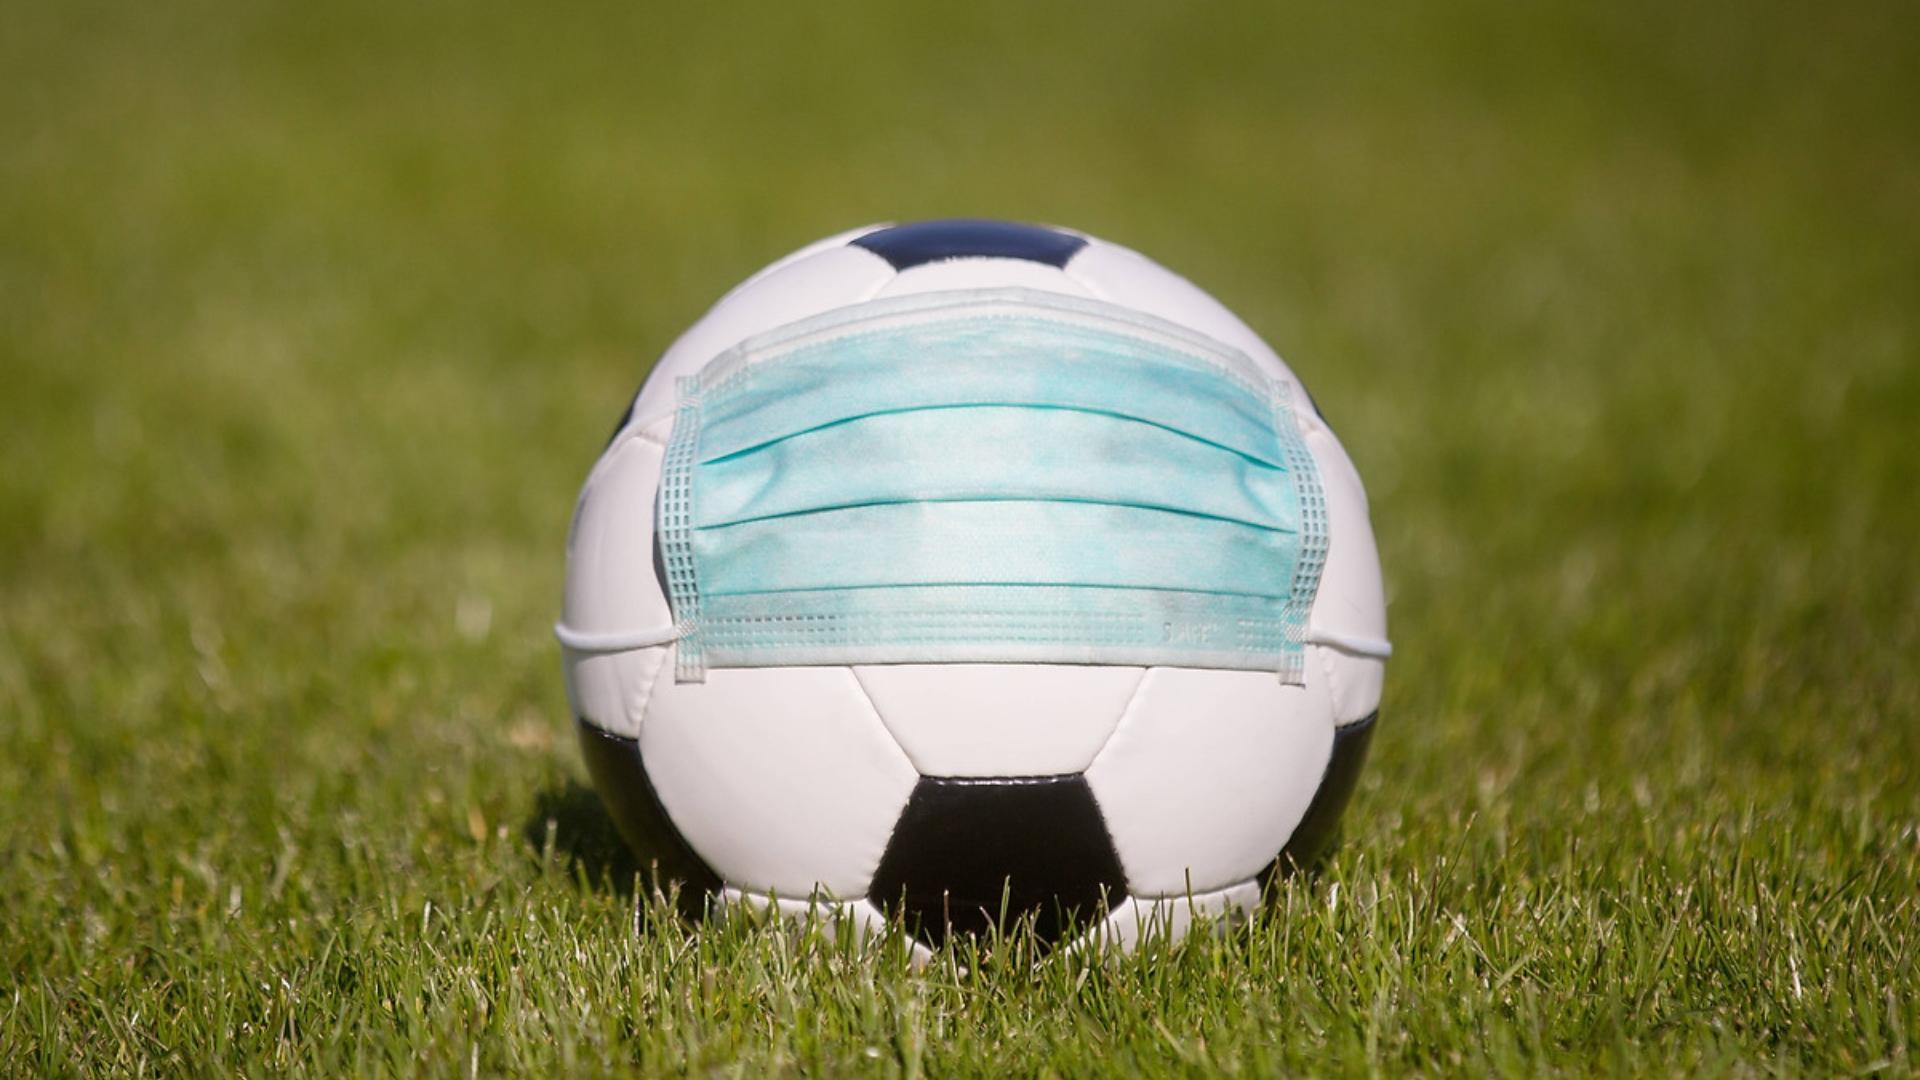 Sırbistan ve Hırvatistan'da futbol 30 Mayıs'ta dönüyor | Goal.com